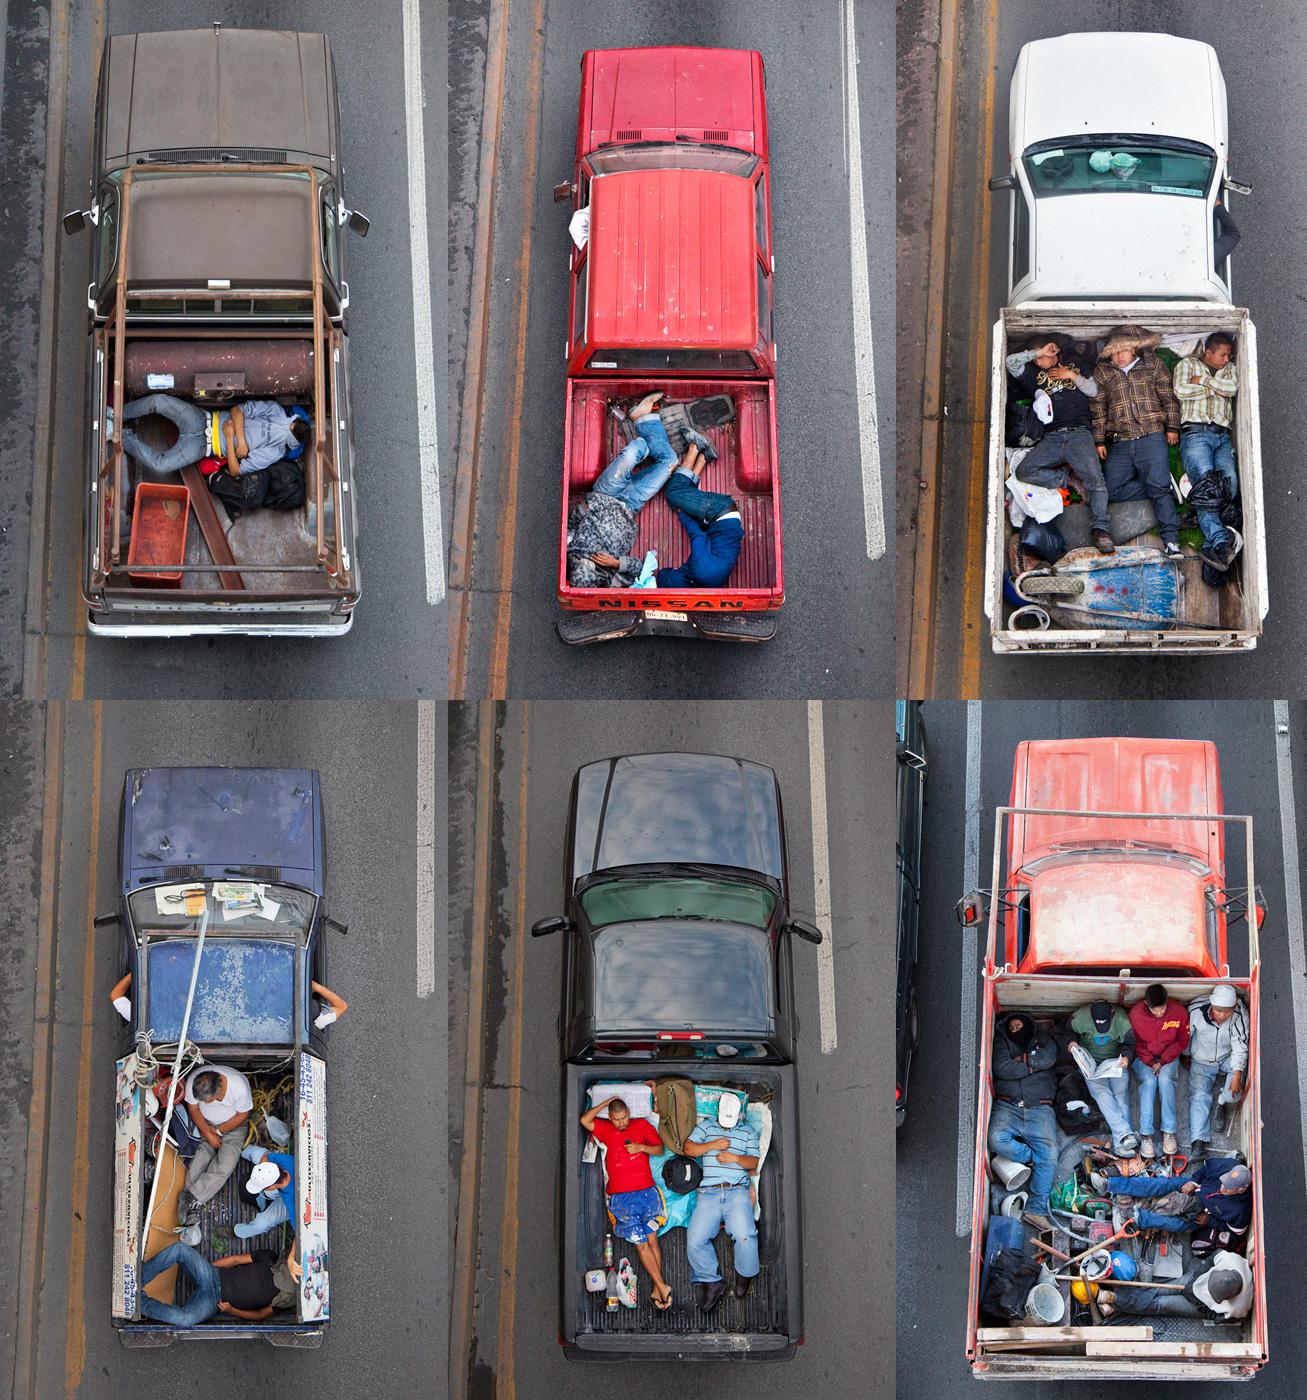 הצלם Alejandro Cartagena מתעד פועלים בדרכם לאתרי בנייה של בתים ווילות